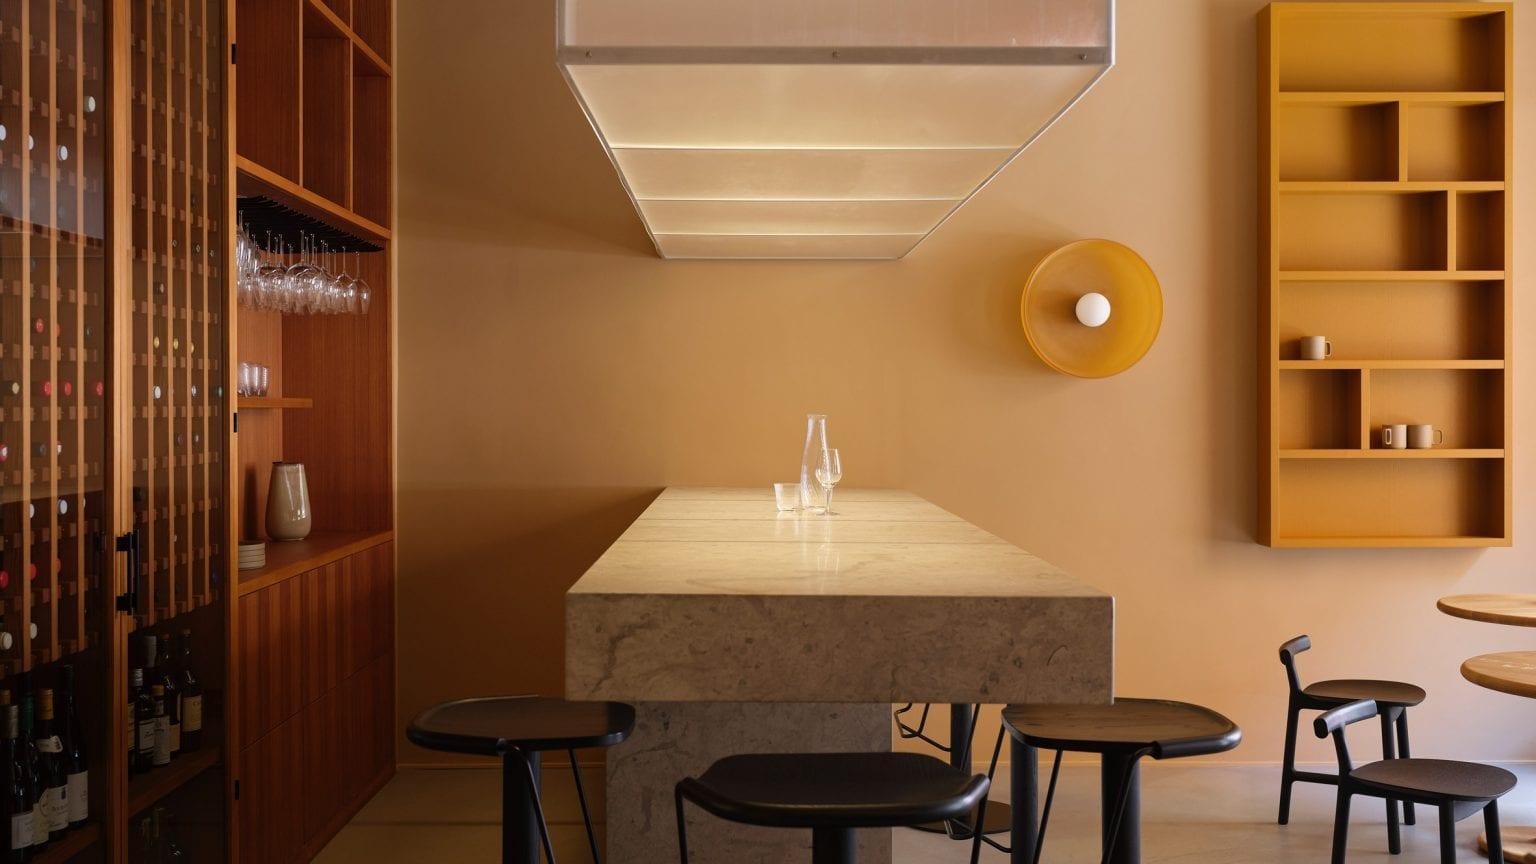 В Стокгольме открыли офис с винным баром! Чтобы «приятно работать, пить и общаться»